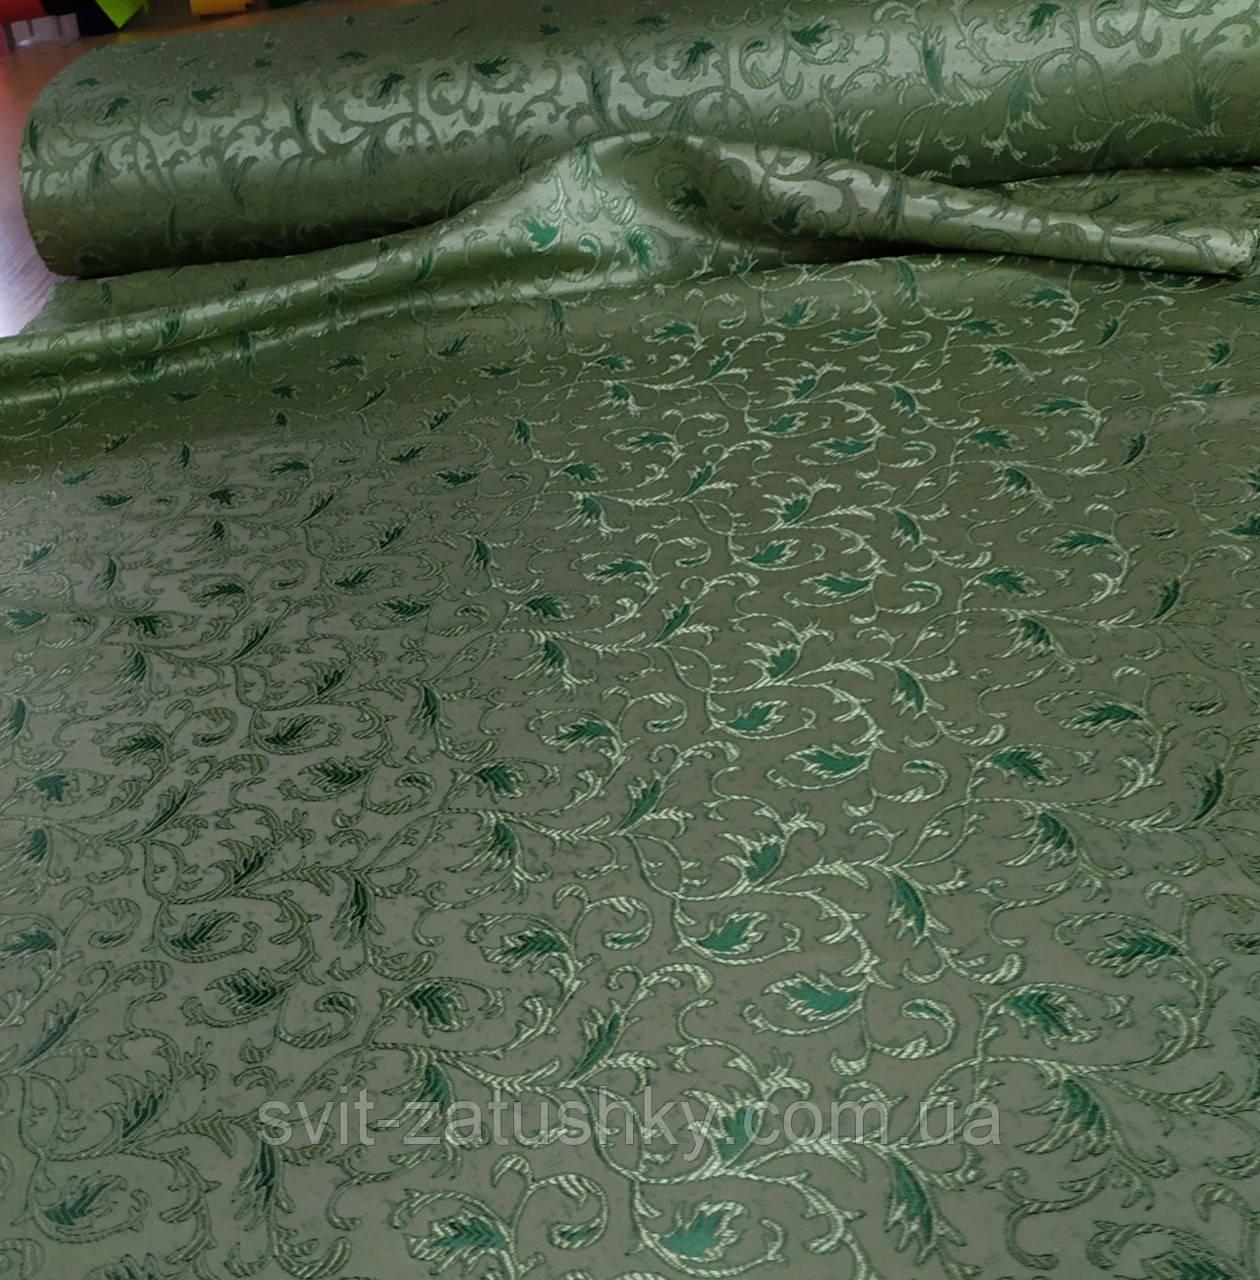 Портьєрна тканина зелена з узором шириною 1.50 м/ Портьерная ткань зеленая с узором шириной 1.50 м.